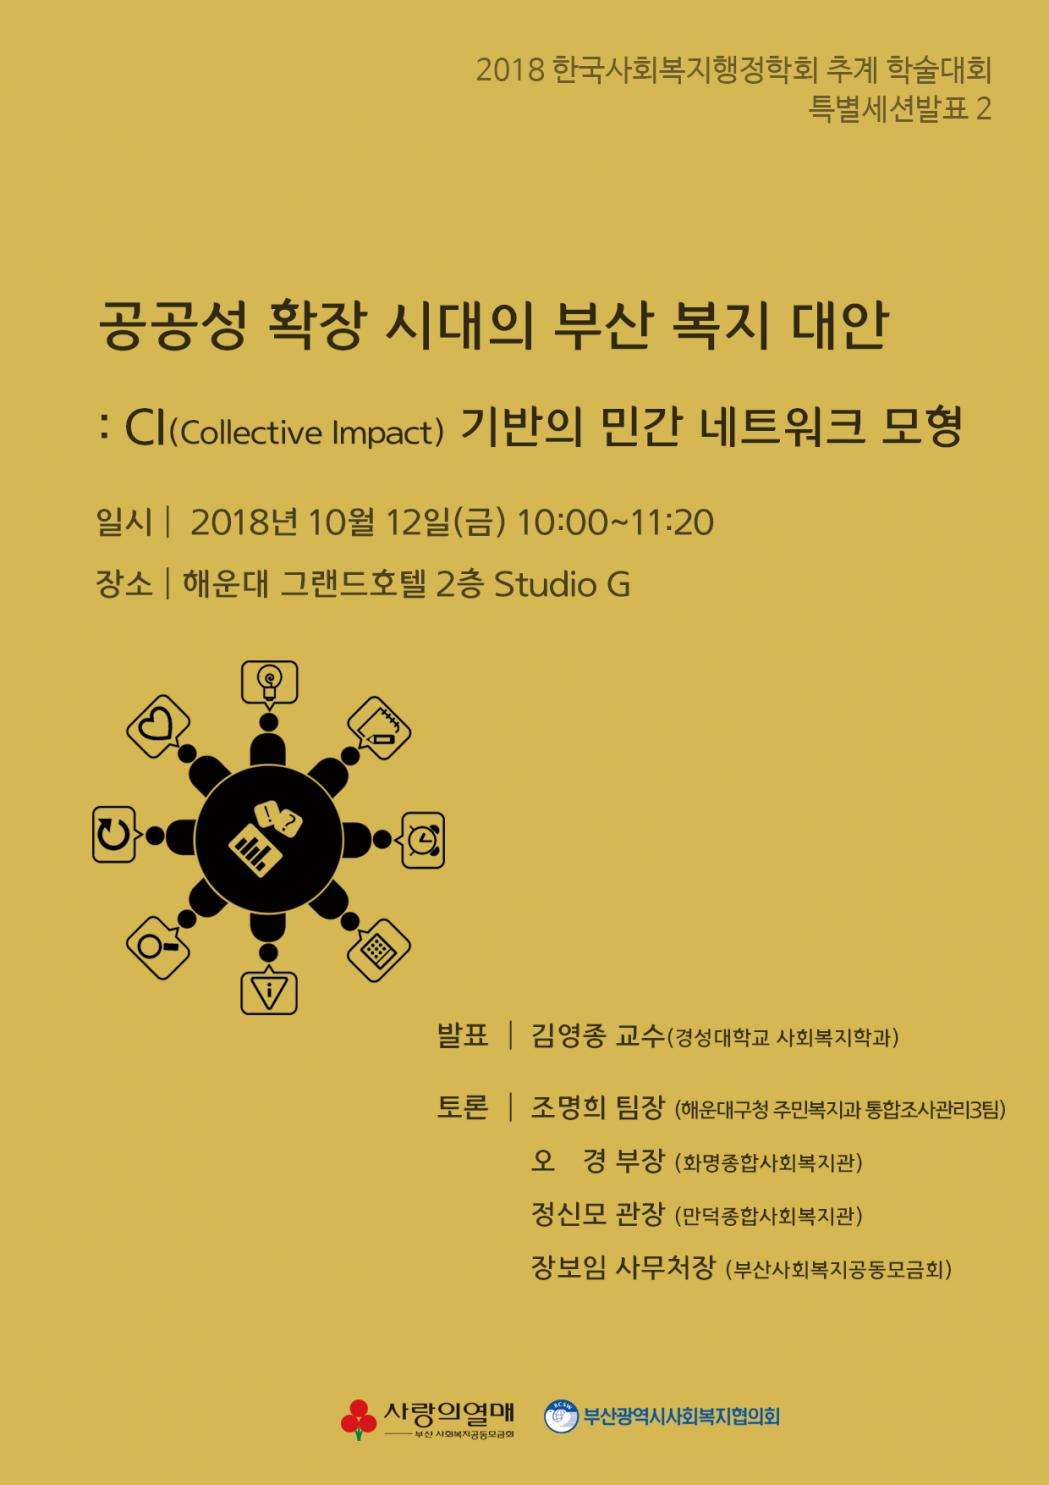 특별세션 홍보 포스터.png